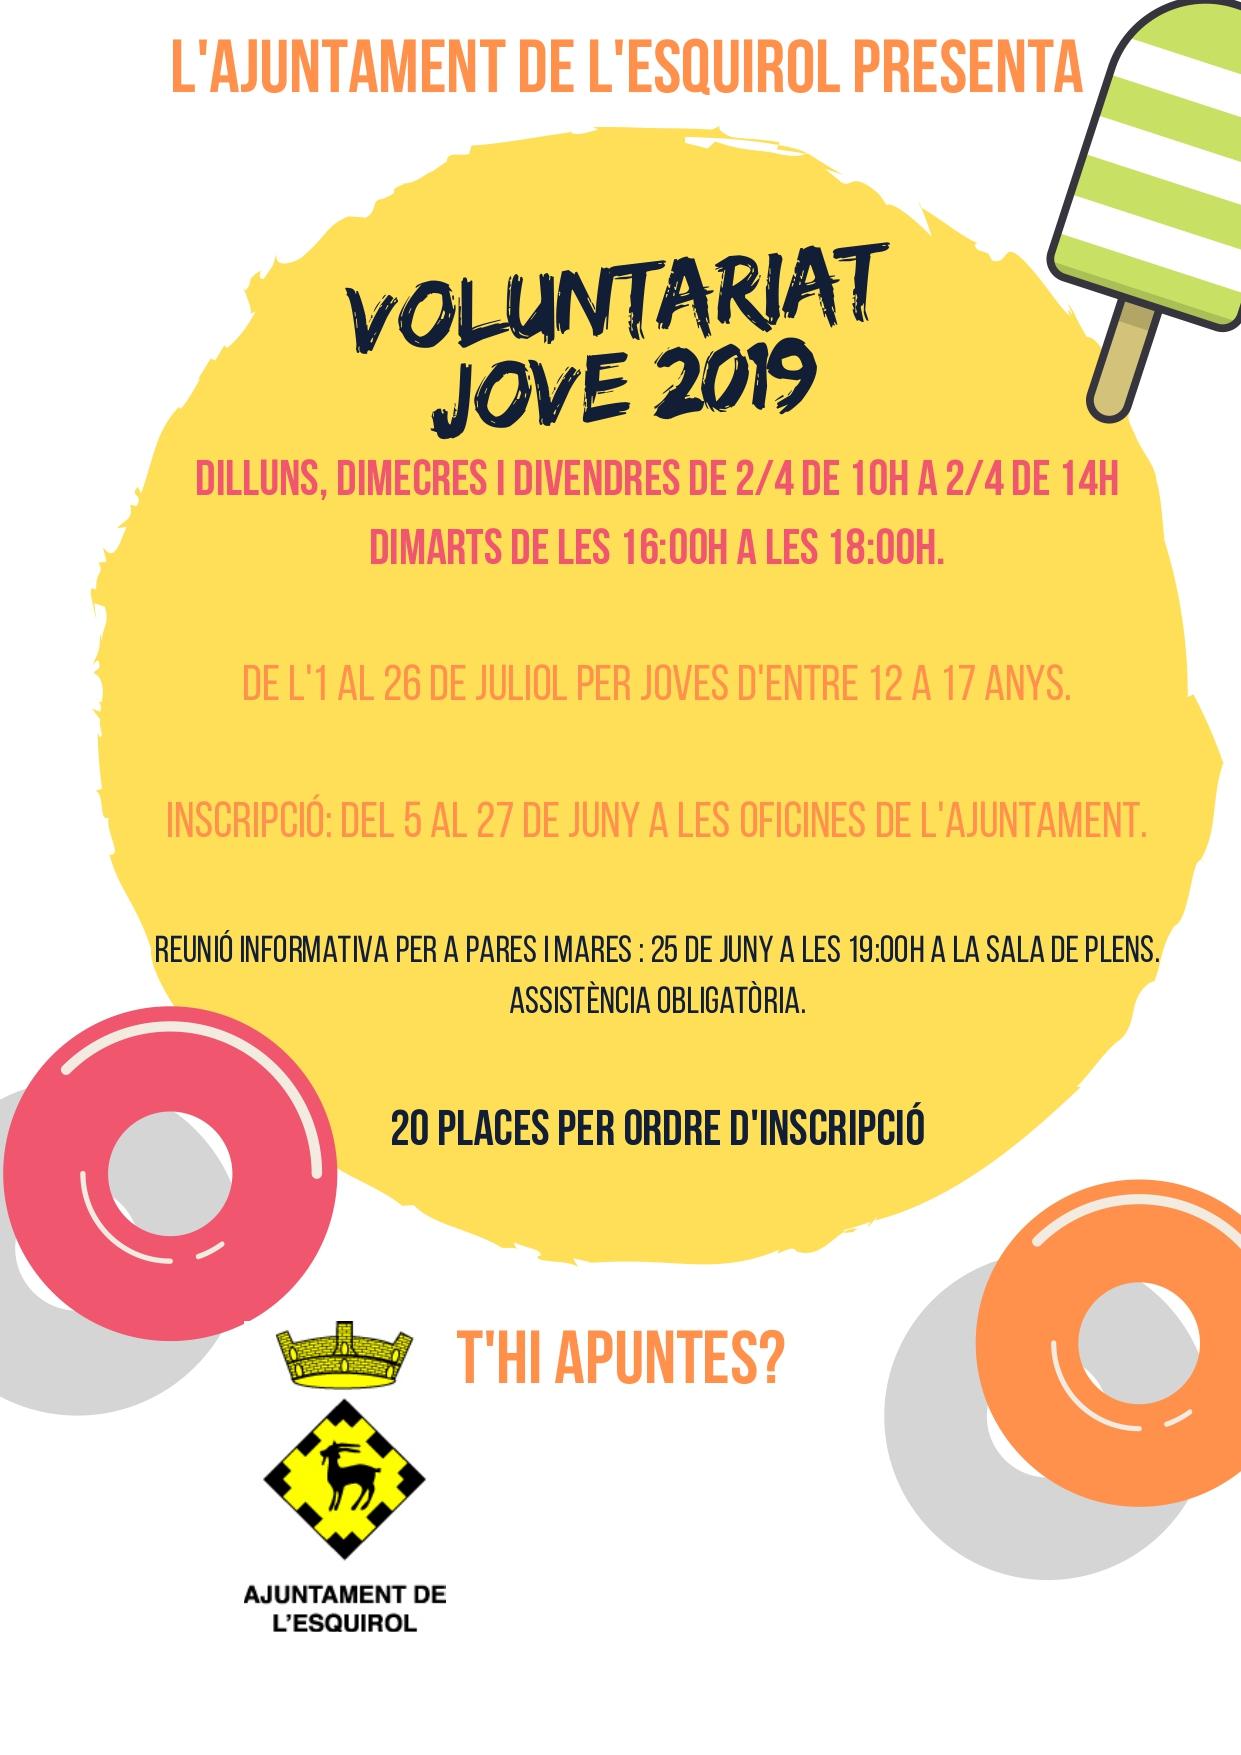 Voluntariat 2019